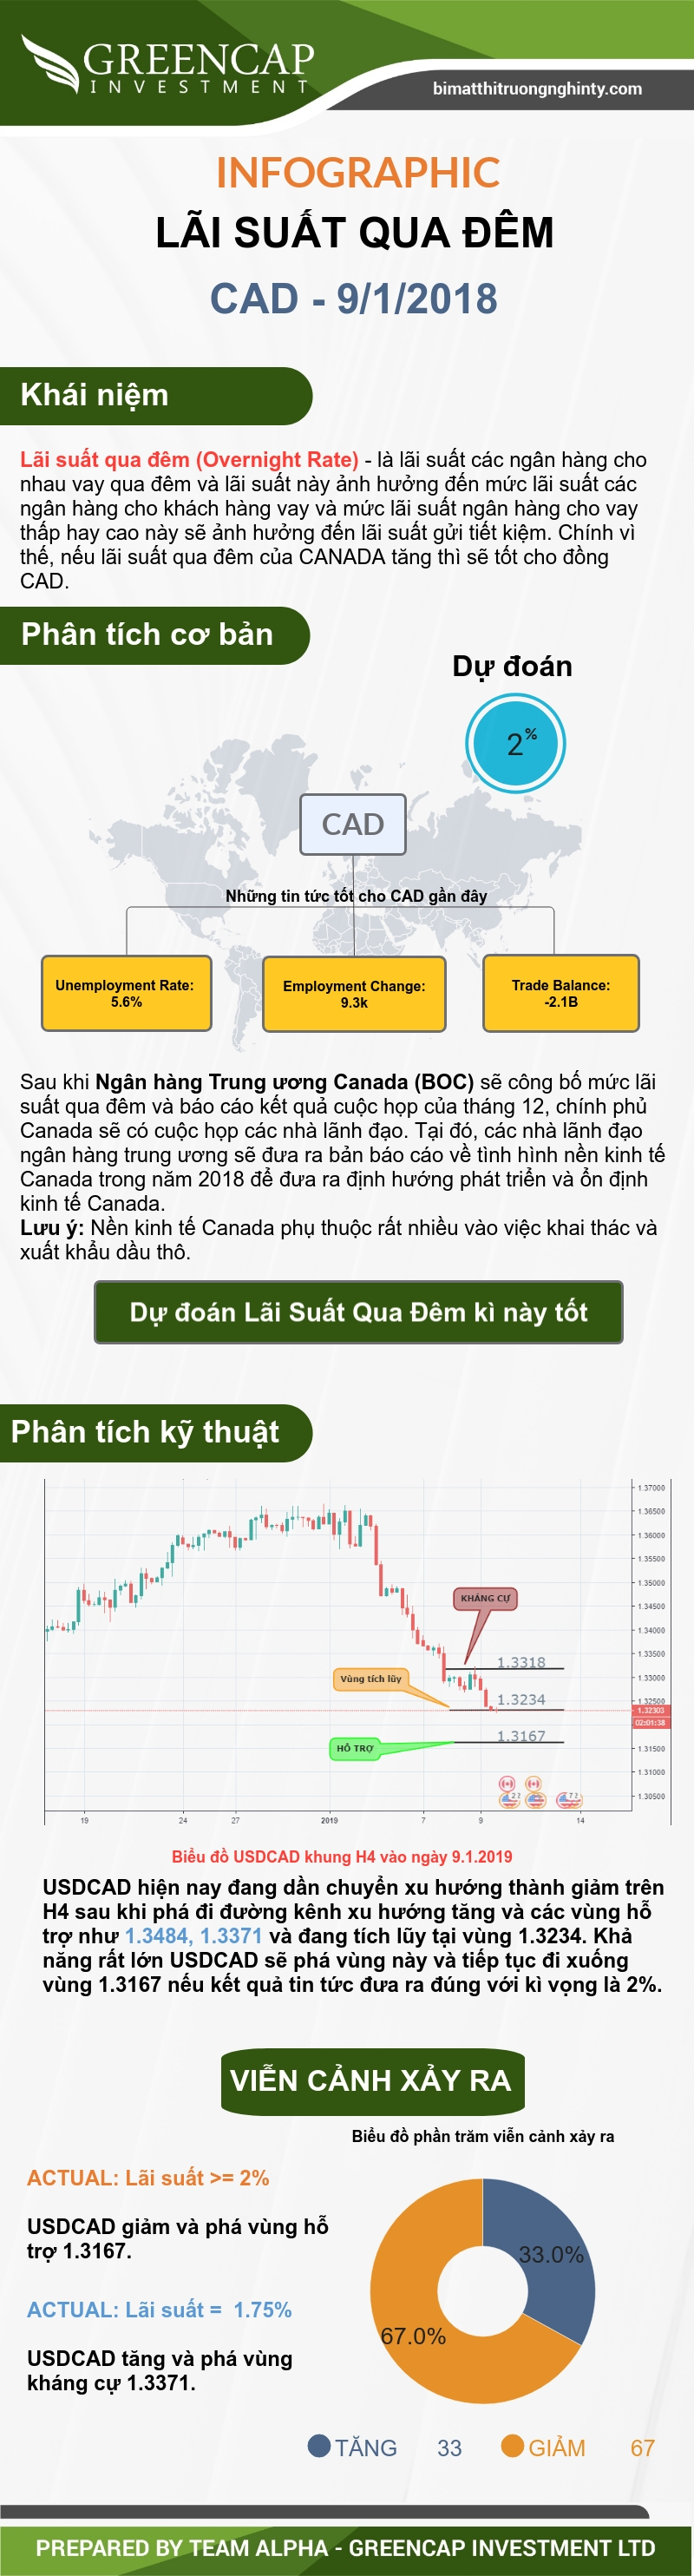 Lãi suất qua đêm CAD 09/01/2018